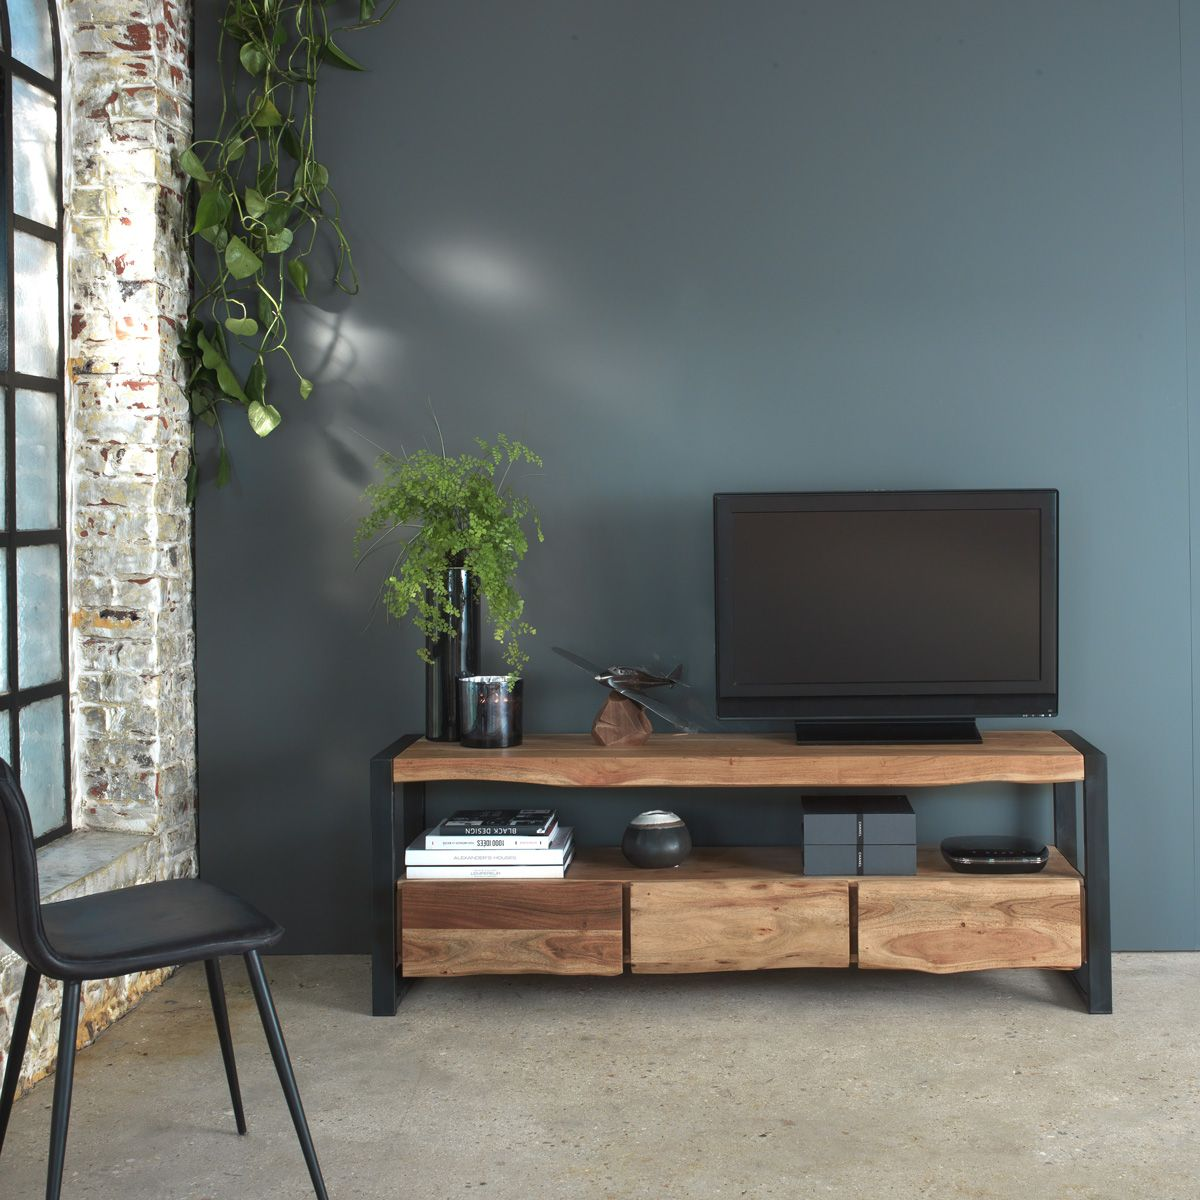 meuble tv style tronc arbre pieds metal